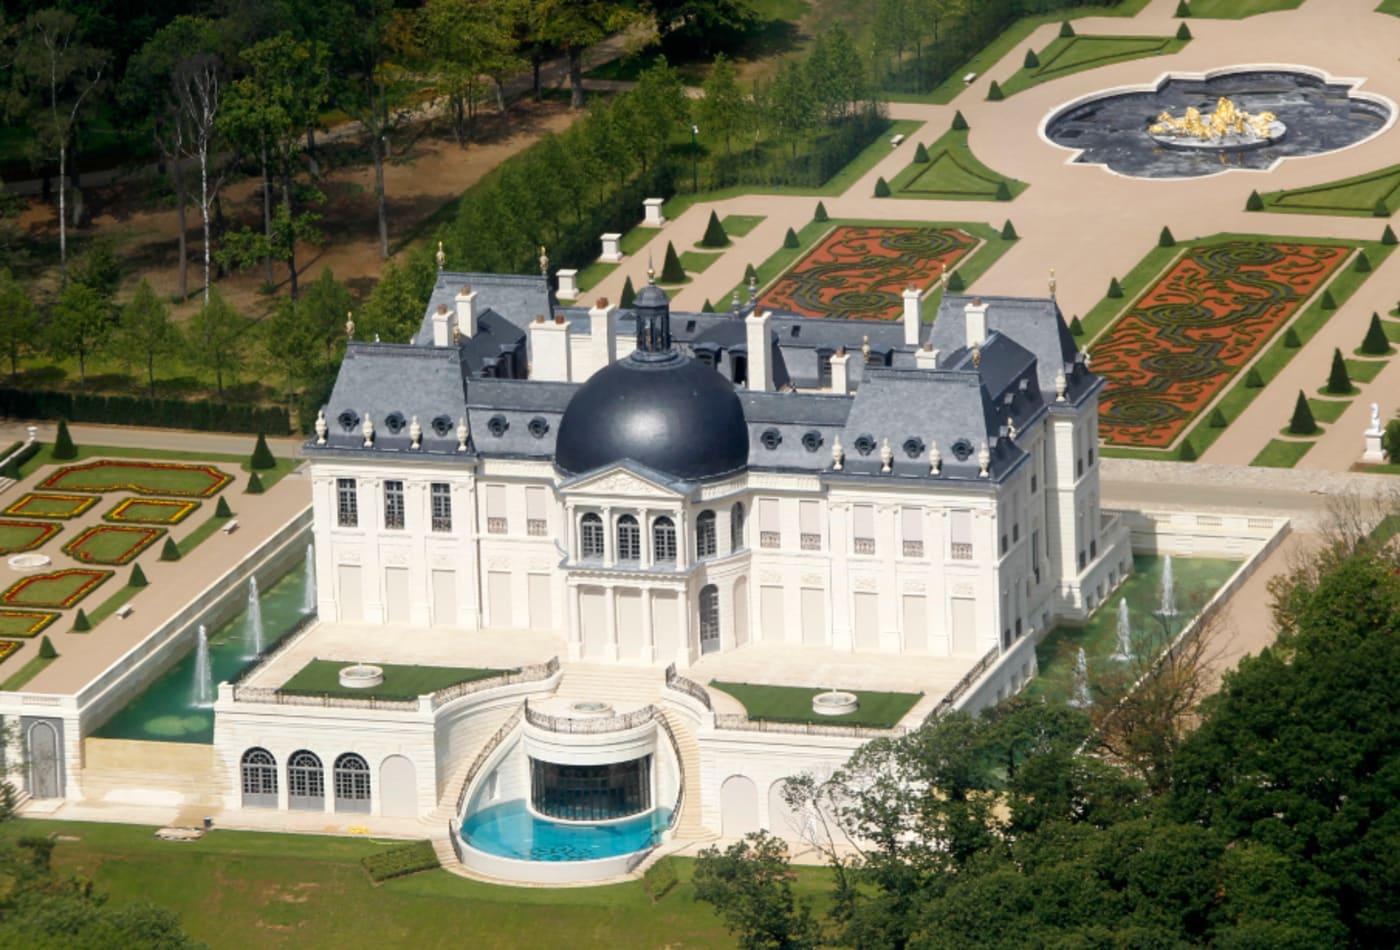 Hoàng gia giàu có nhất thế giới, sở hữu khối tài sản nghìn tỷ USD - Ảnh 3